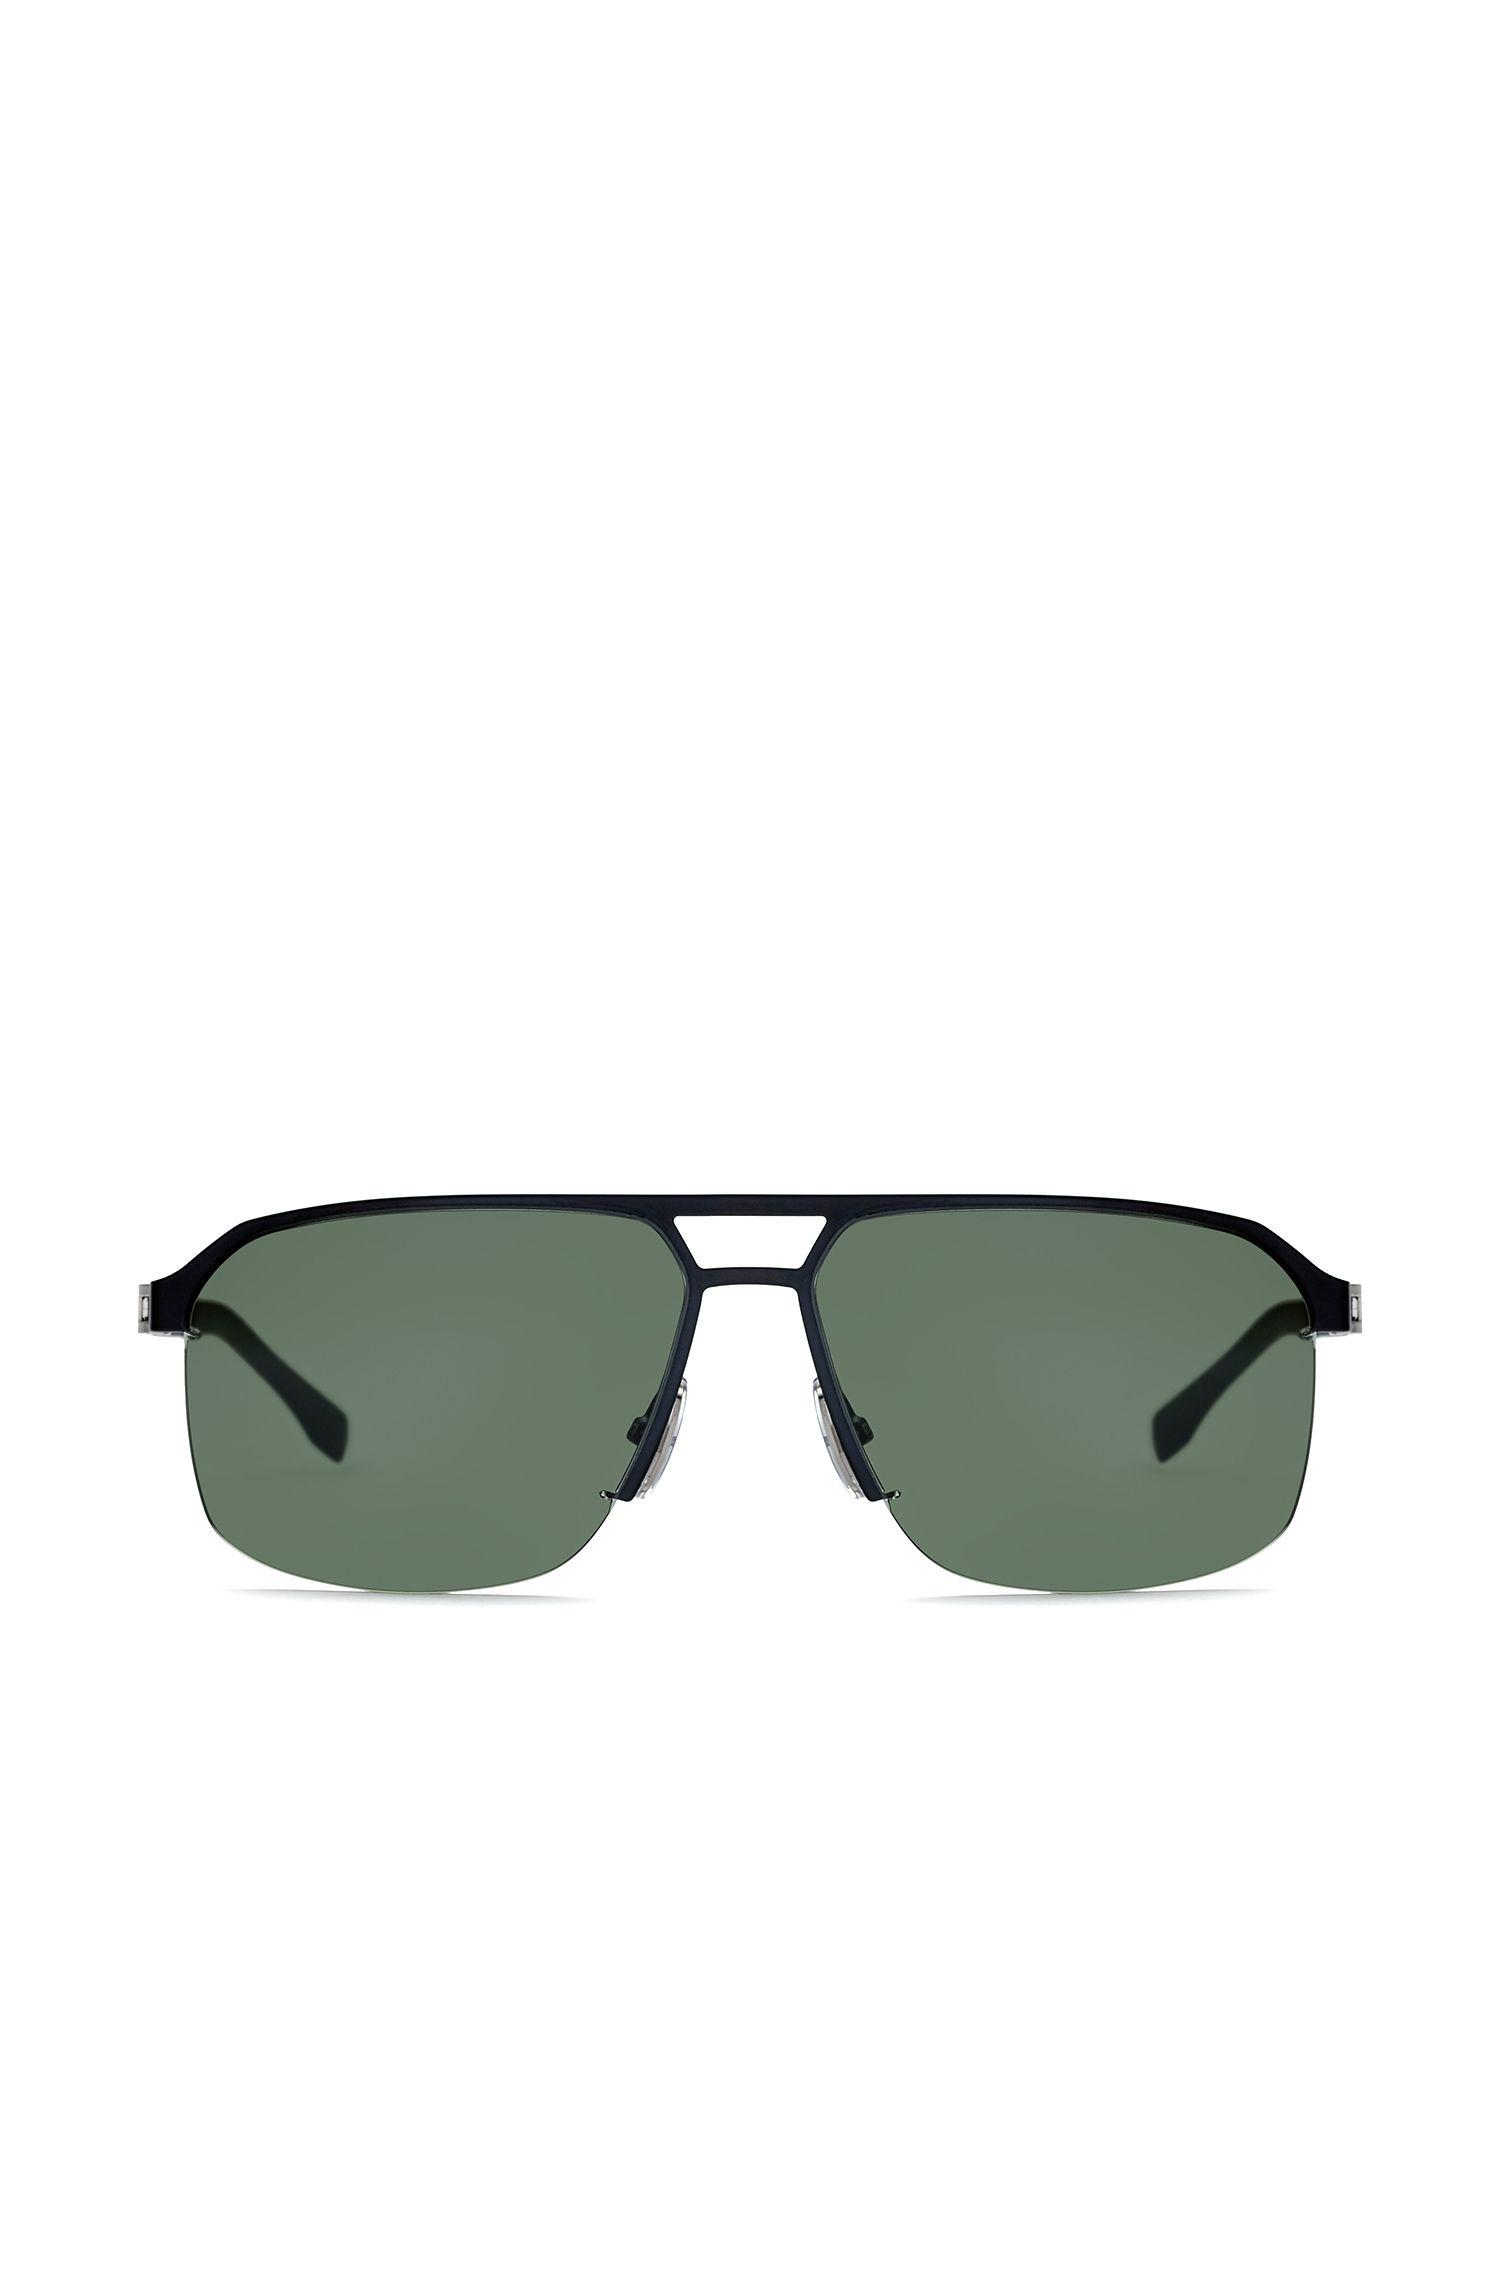 Occhiali da sole stile navigatore in metallo con lenti grigio-verdi: 'BOSS 0839/S'